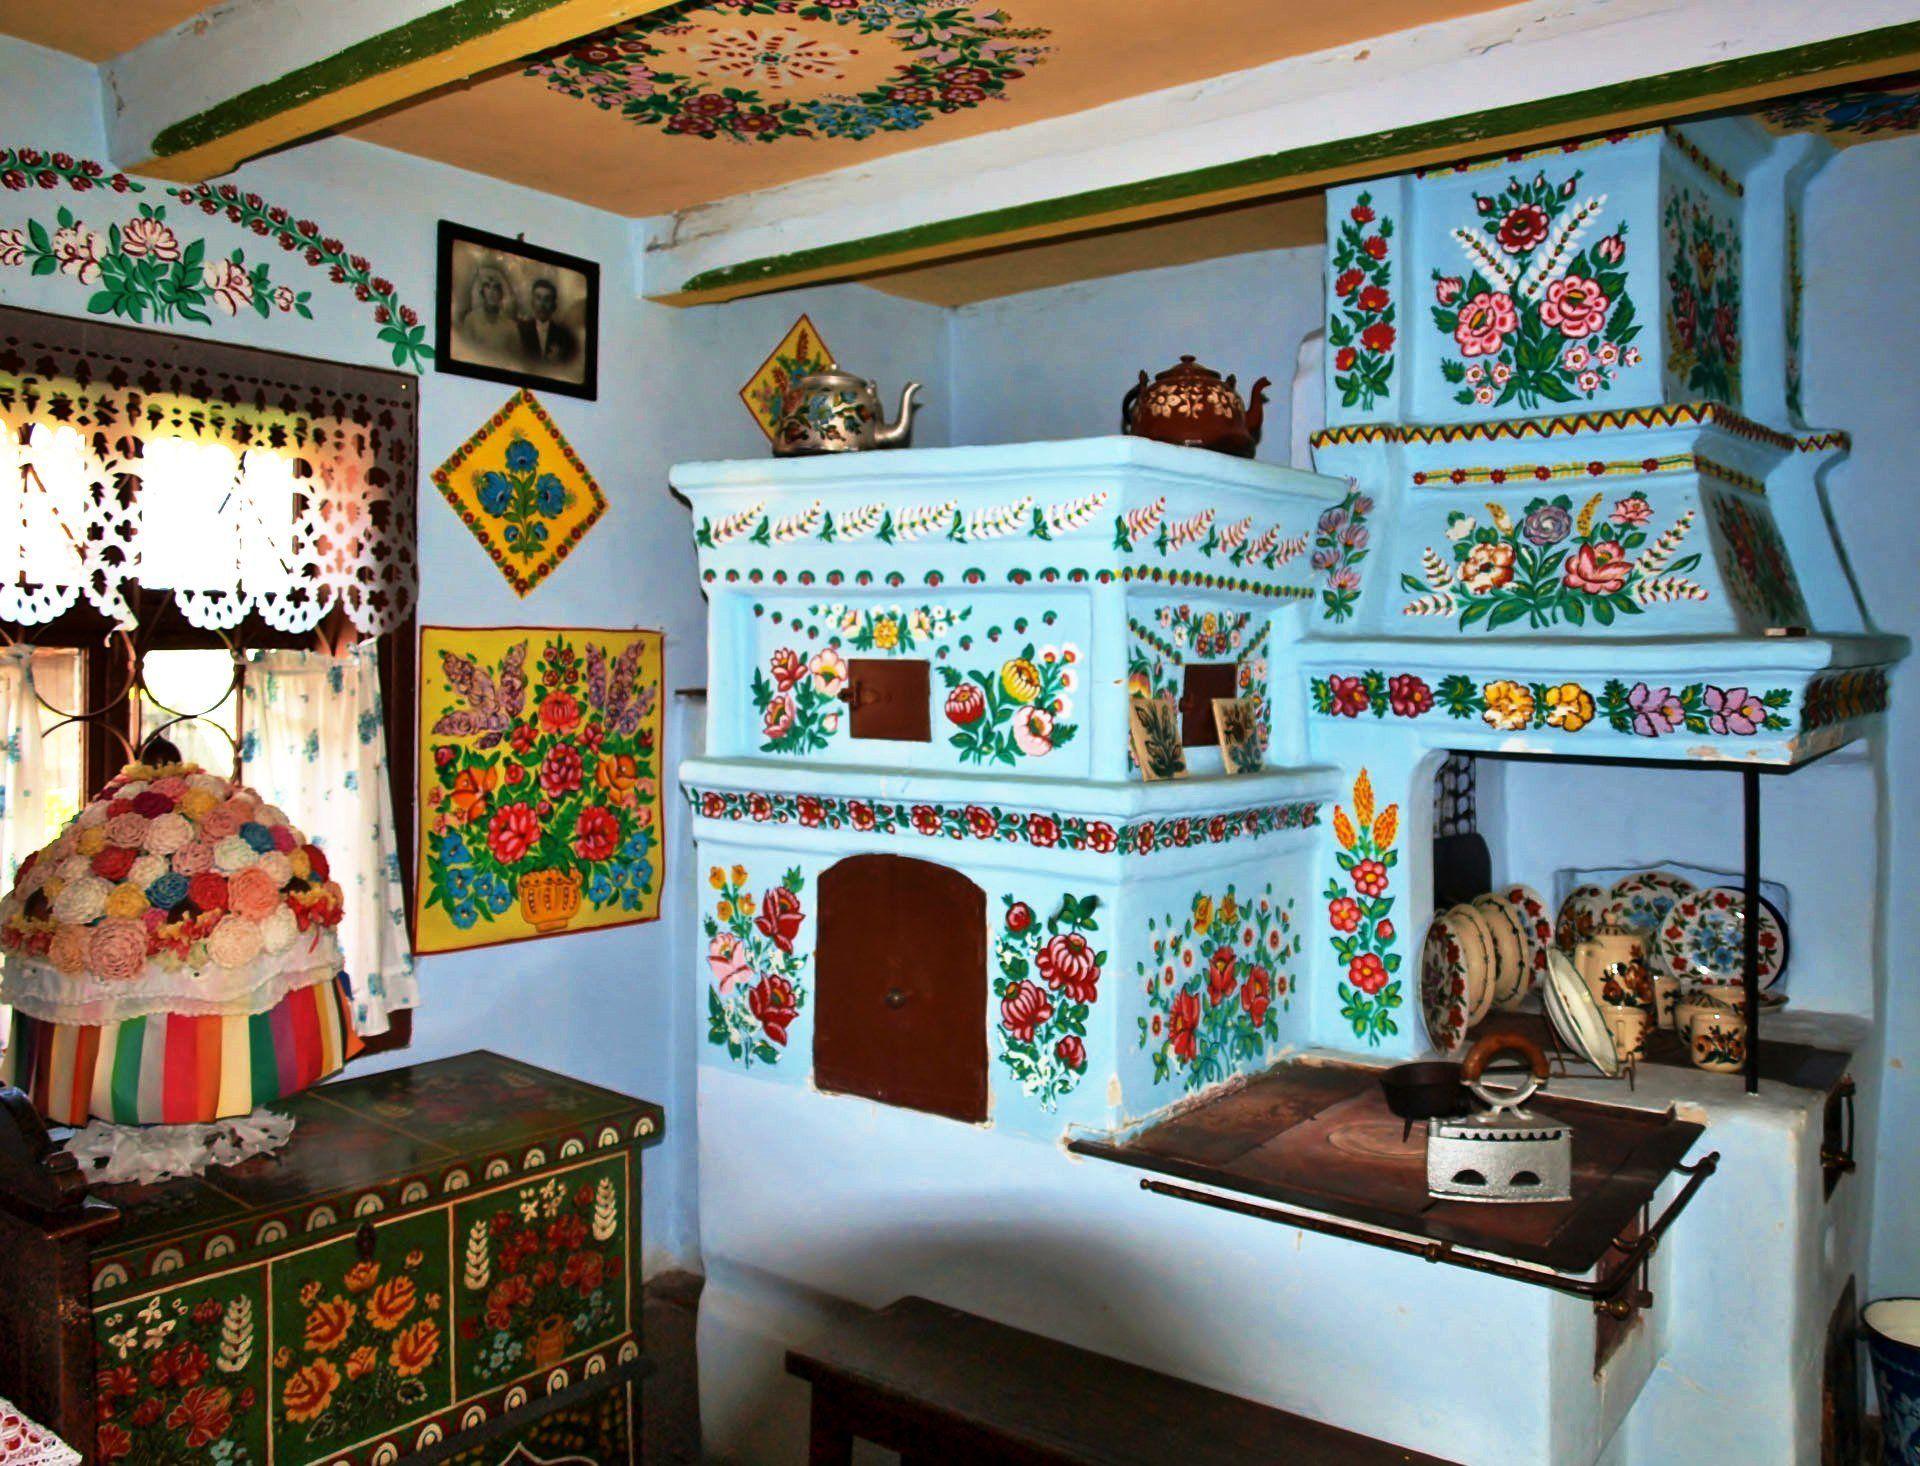 Печь в музее, Залипье, роспись, интерьер стена, роспись стен, роспись картинки